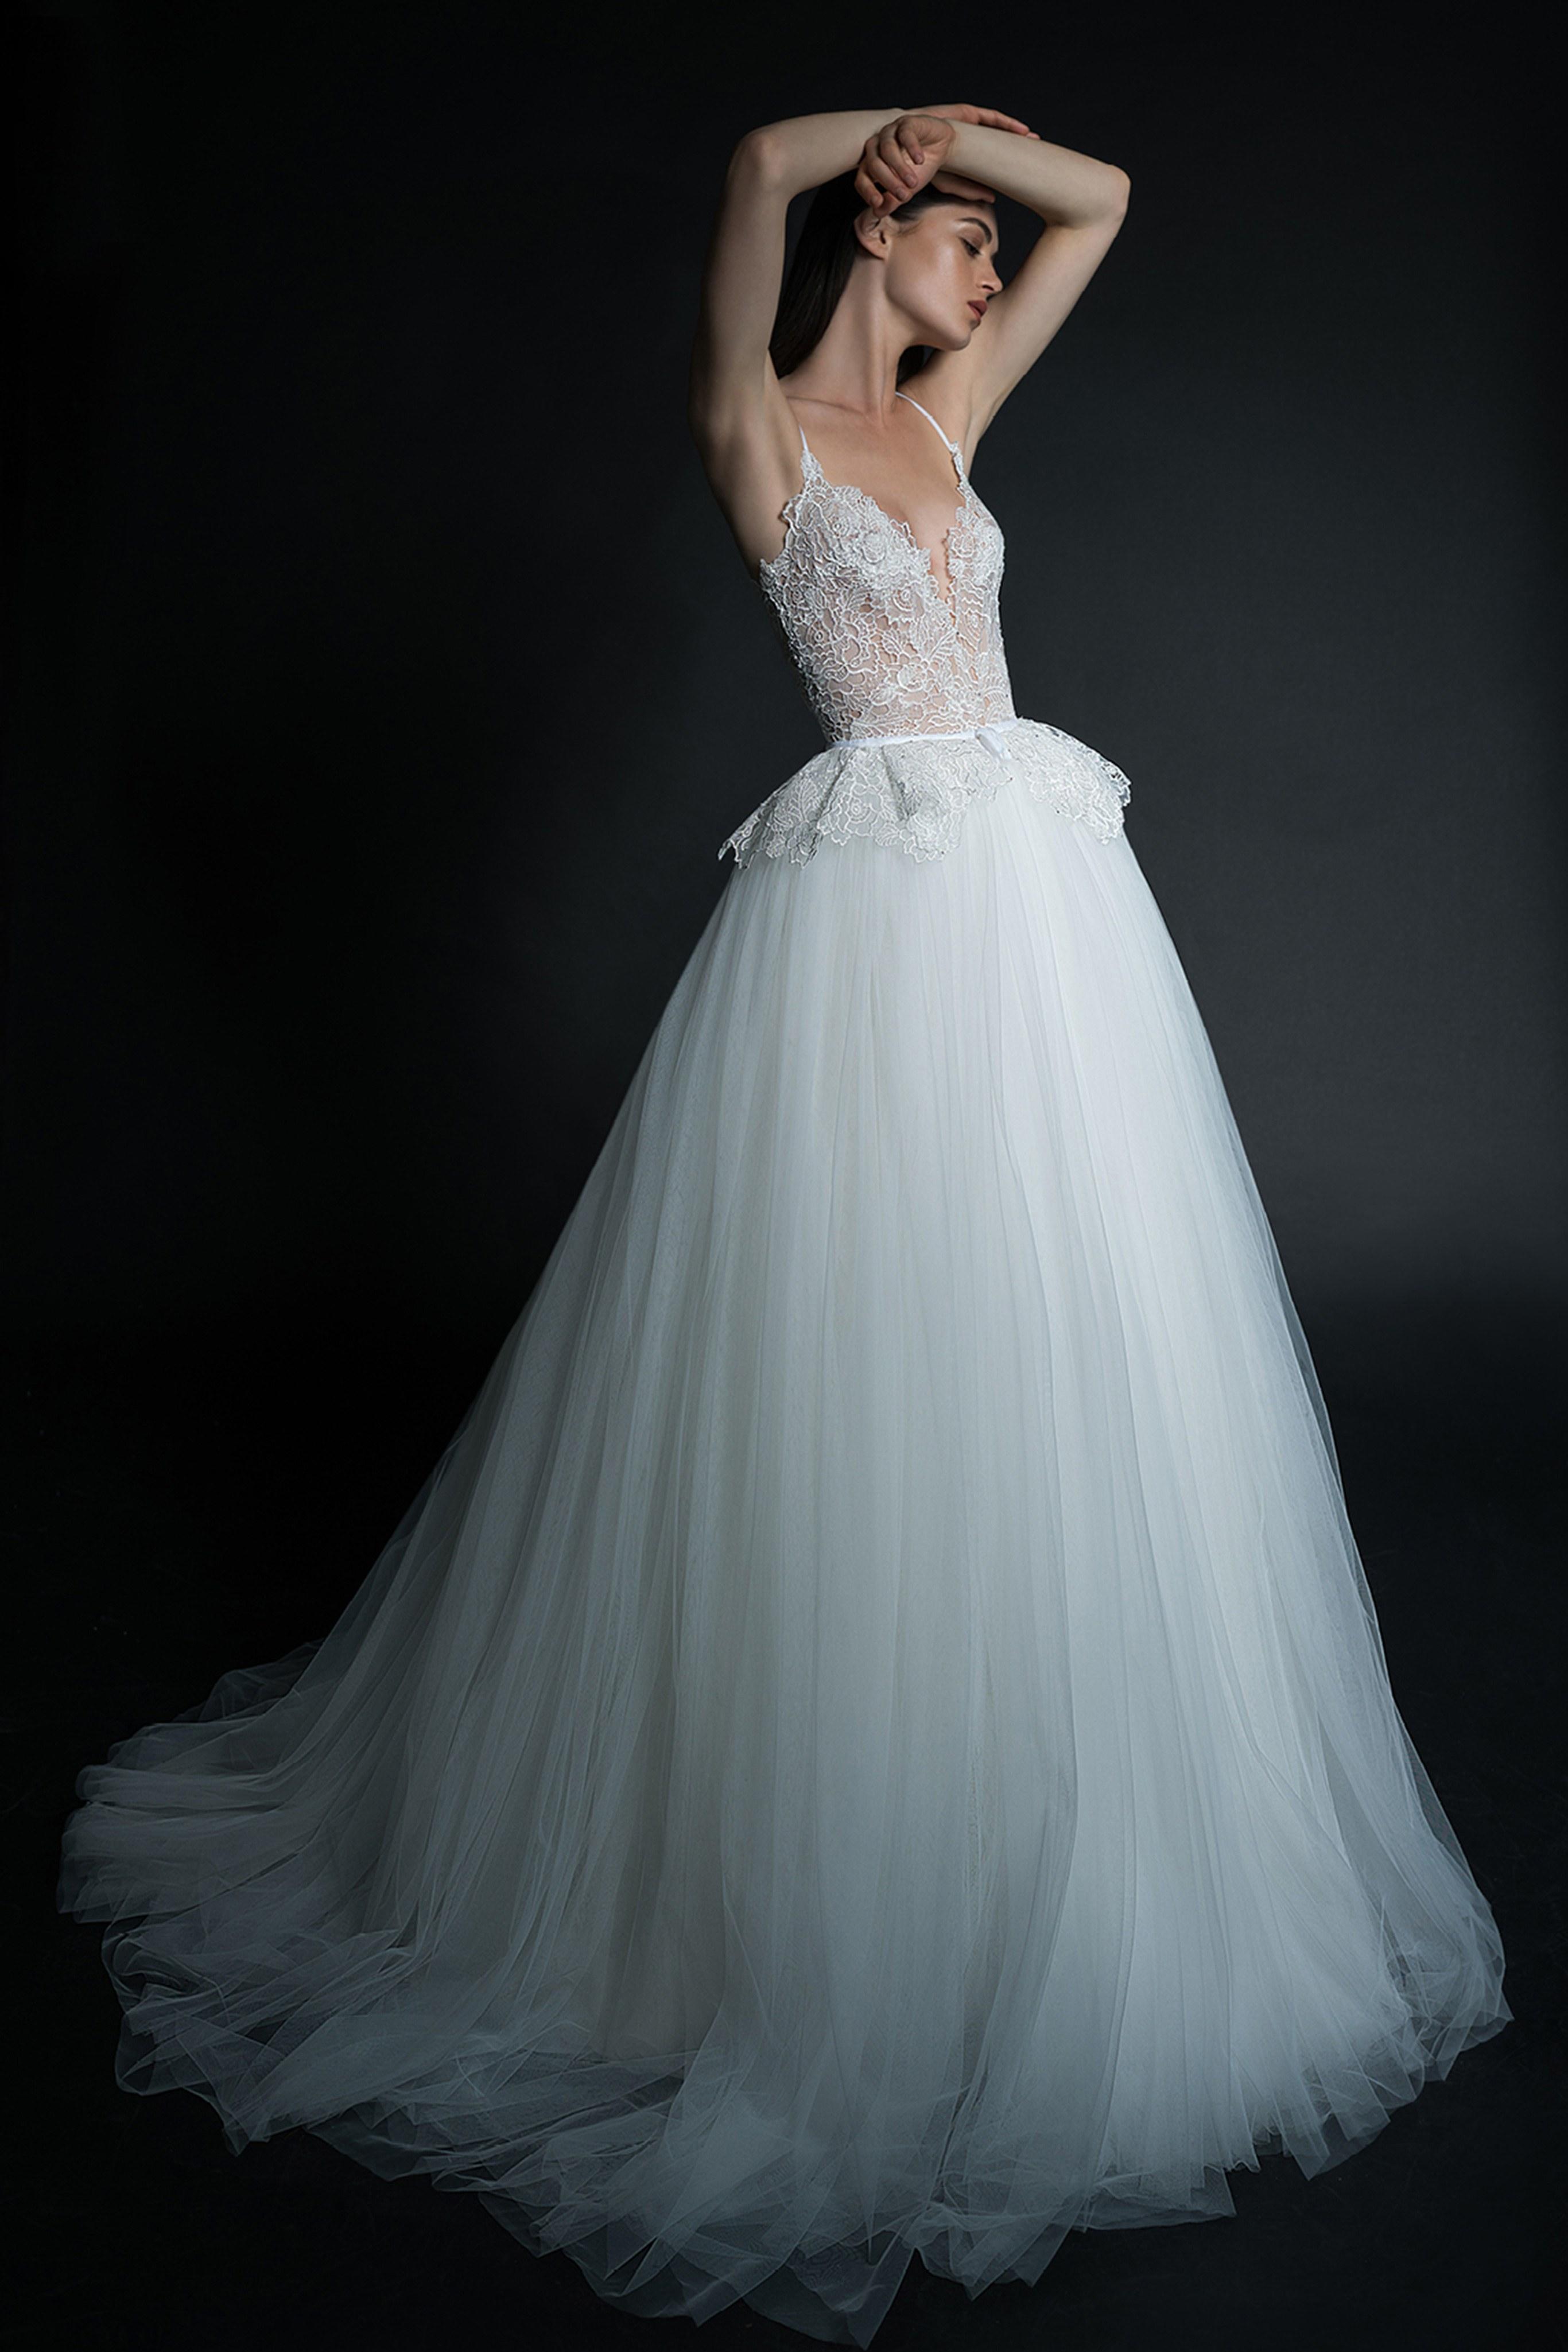 Lujoso 1980 Wedding Dress Modelo - Ideas de Vestidos de Boda ...